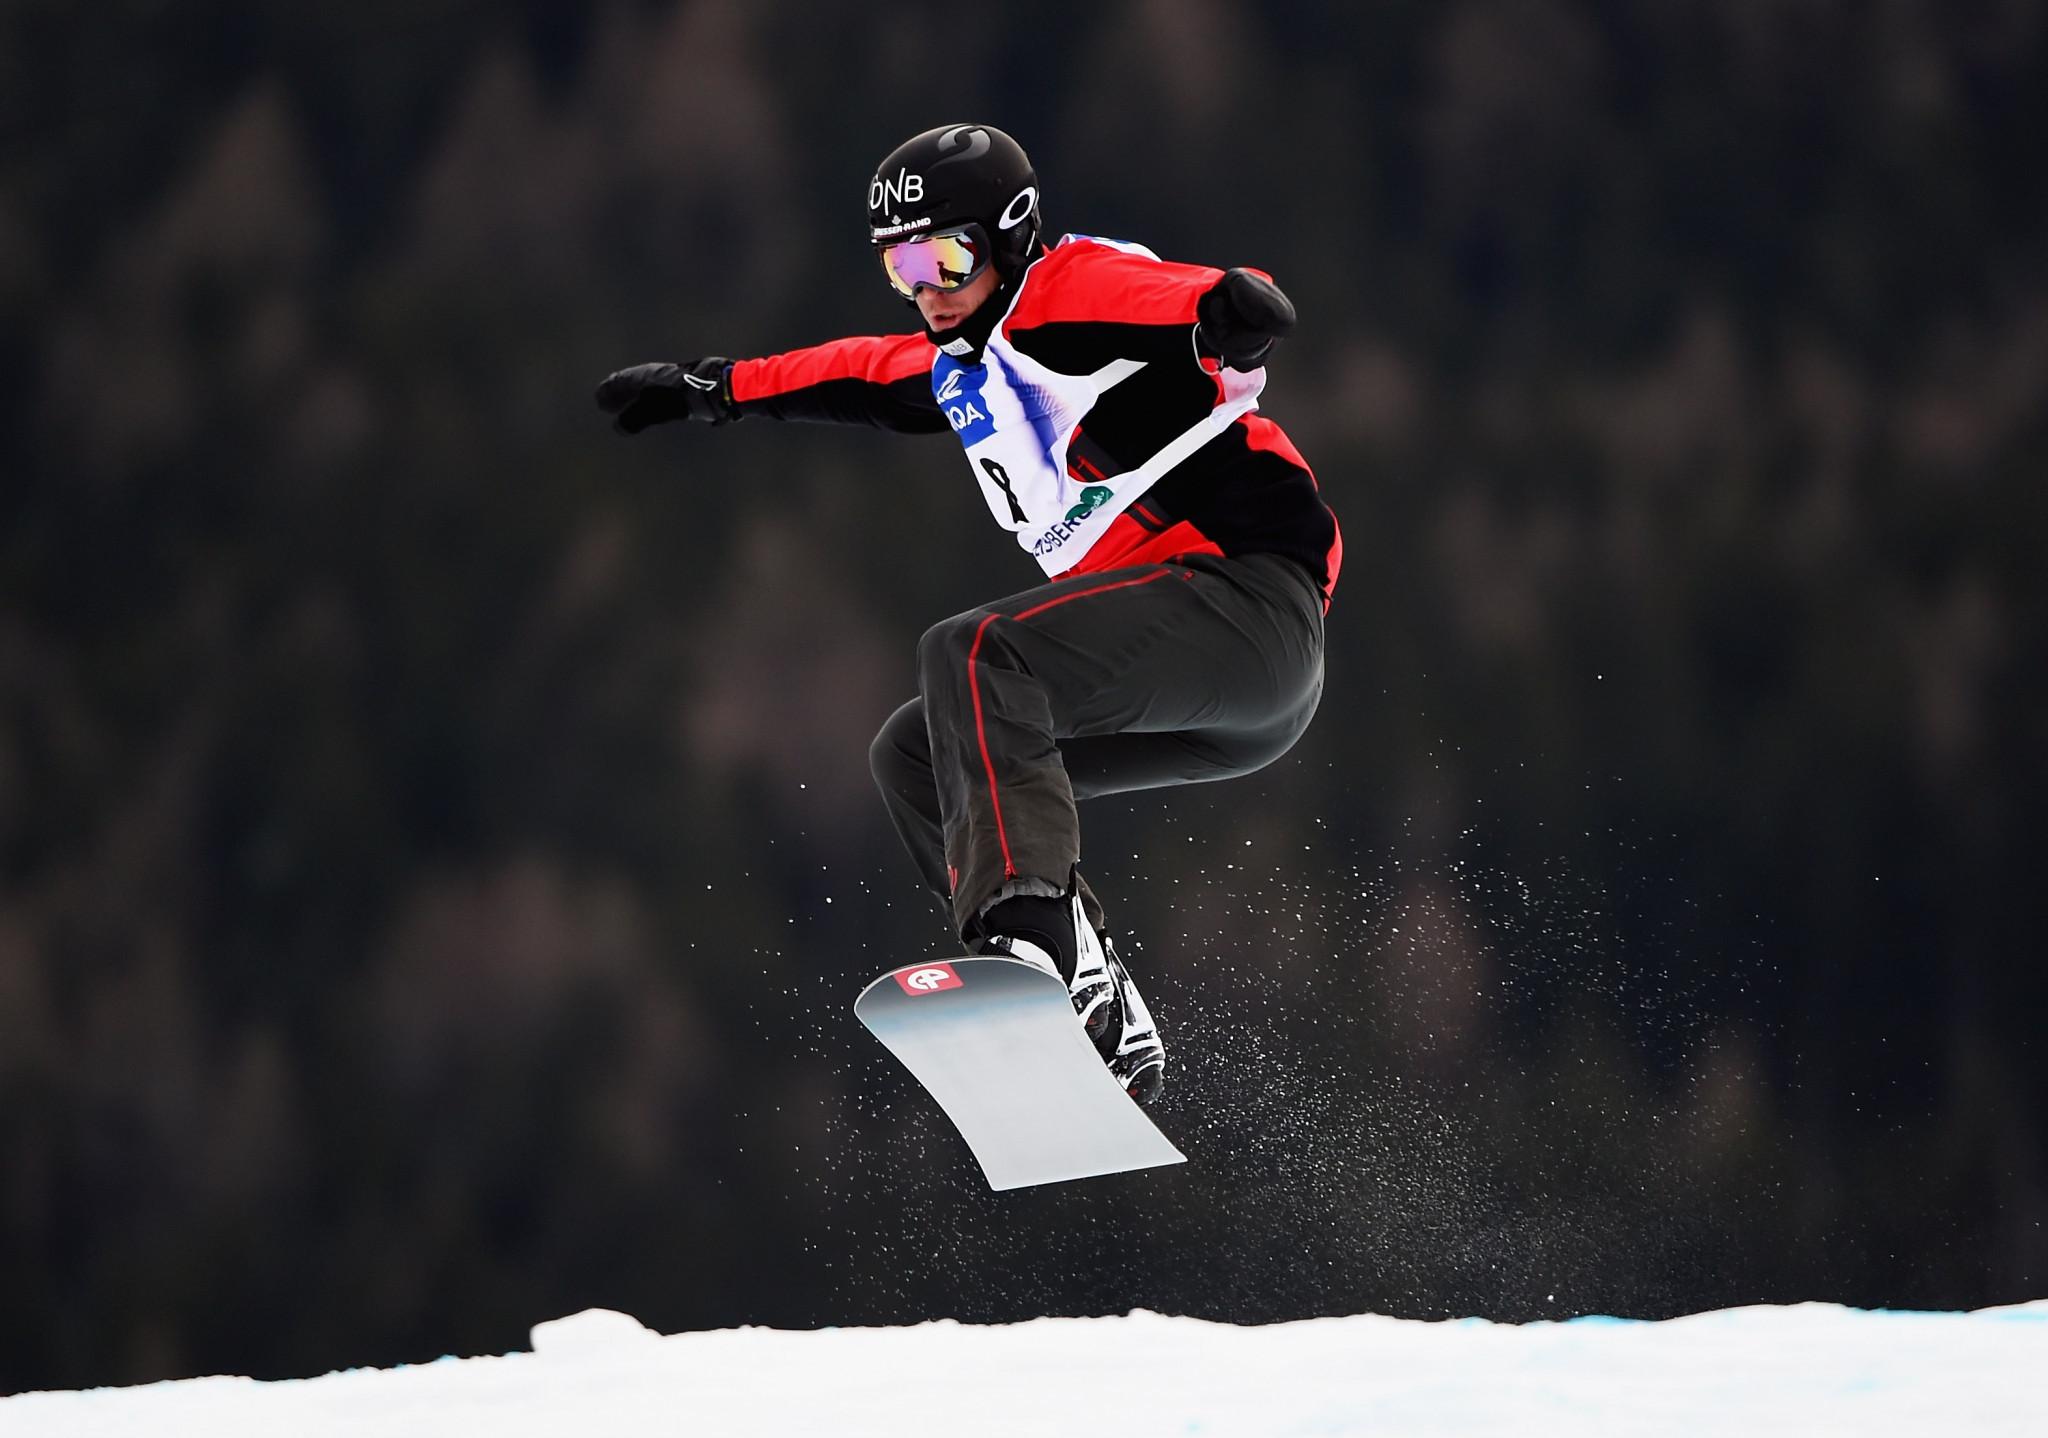 Snowboard cross athlete Sivertzen announces retirement